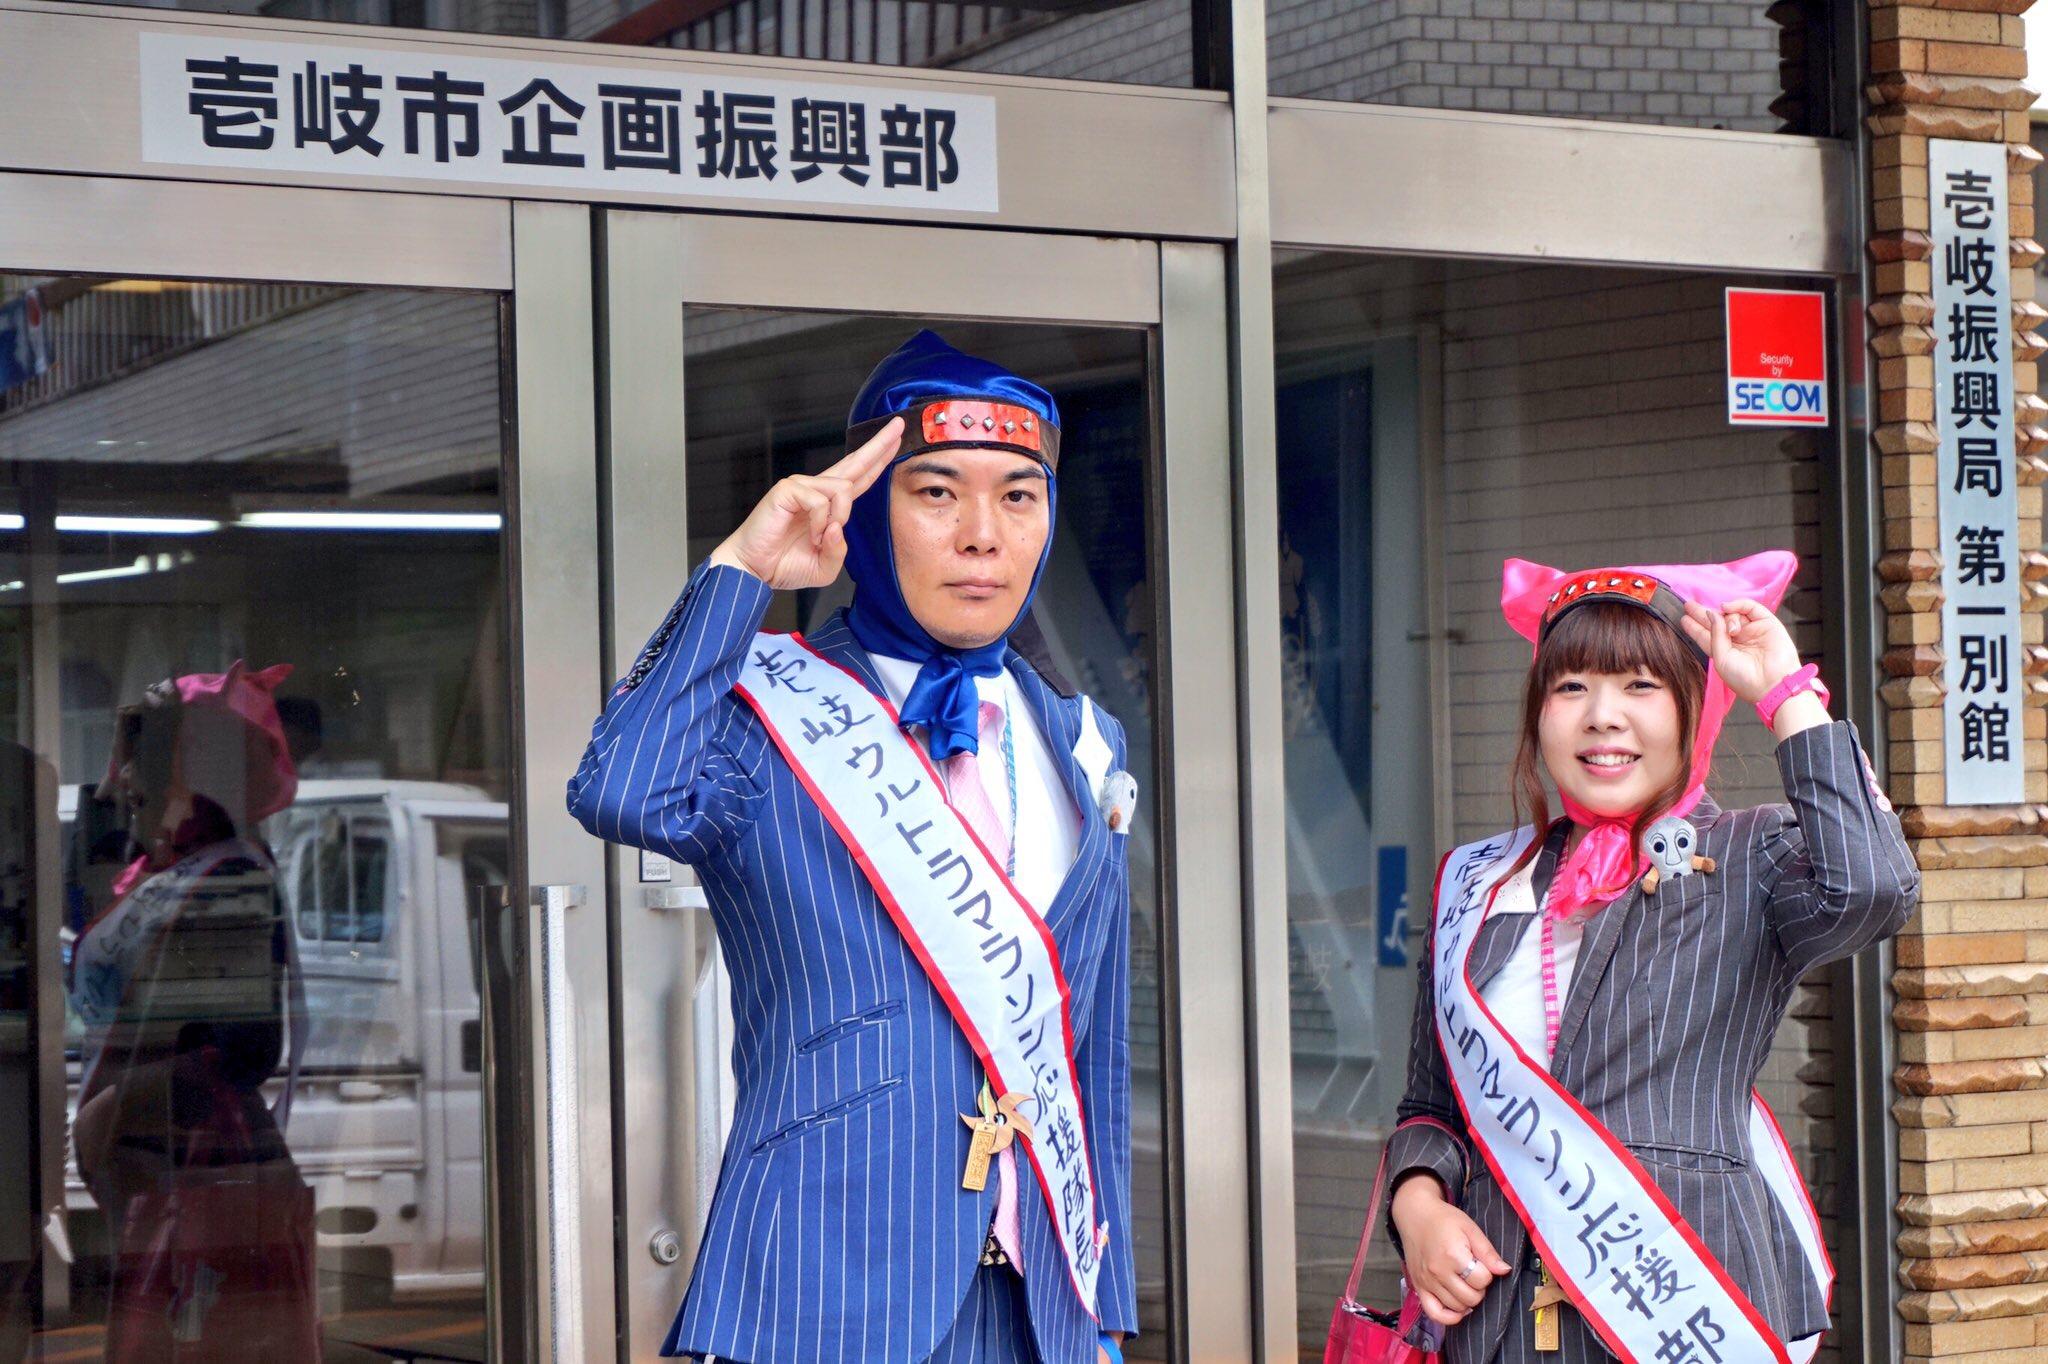 壱岐ウルトラマラソン